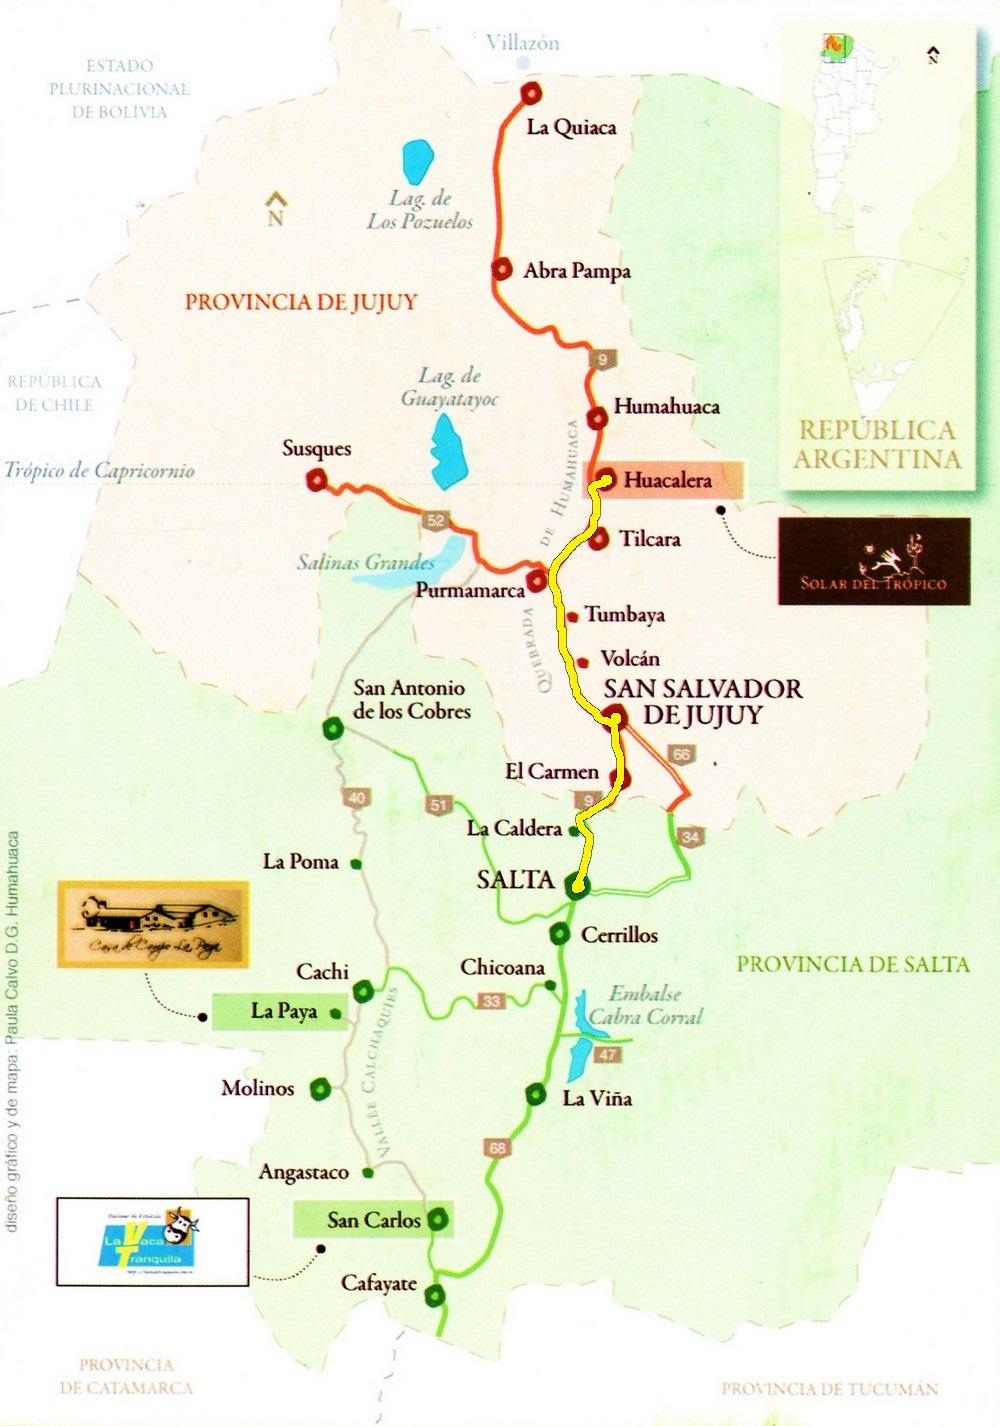 CARTE Jour 8 de Salta à Huacalera